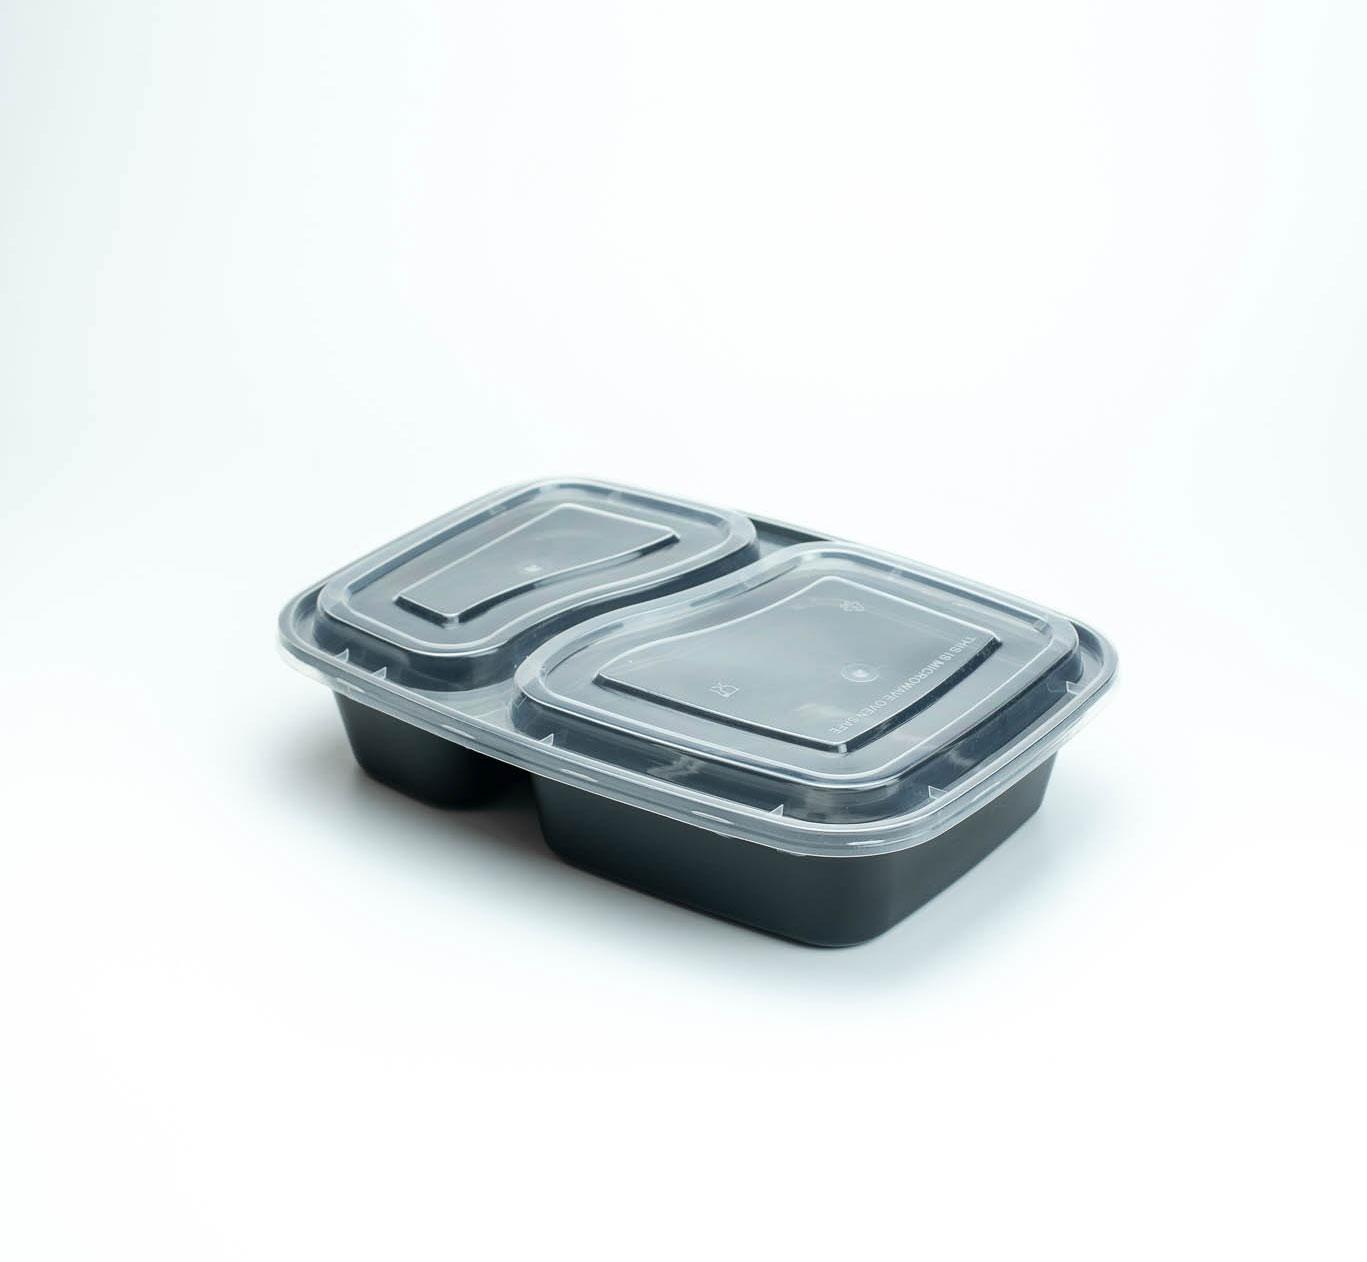 กล่องอาหารพลาสติก 2 ช่อง 1000ml